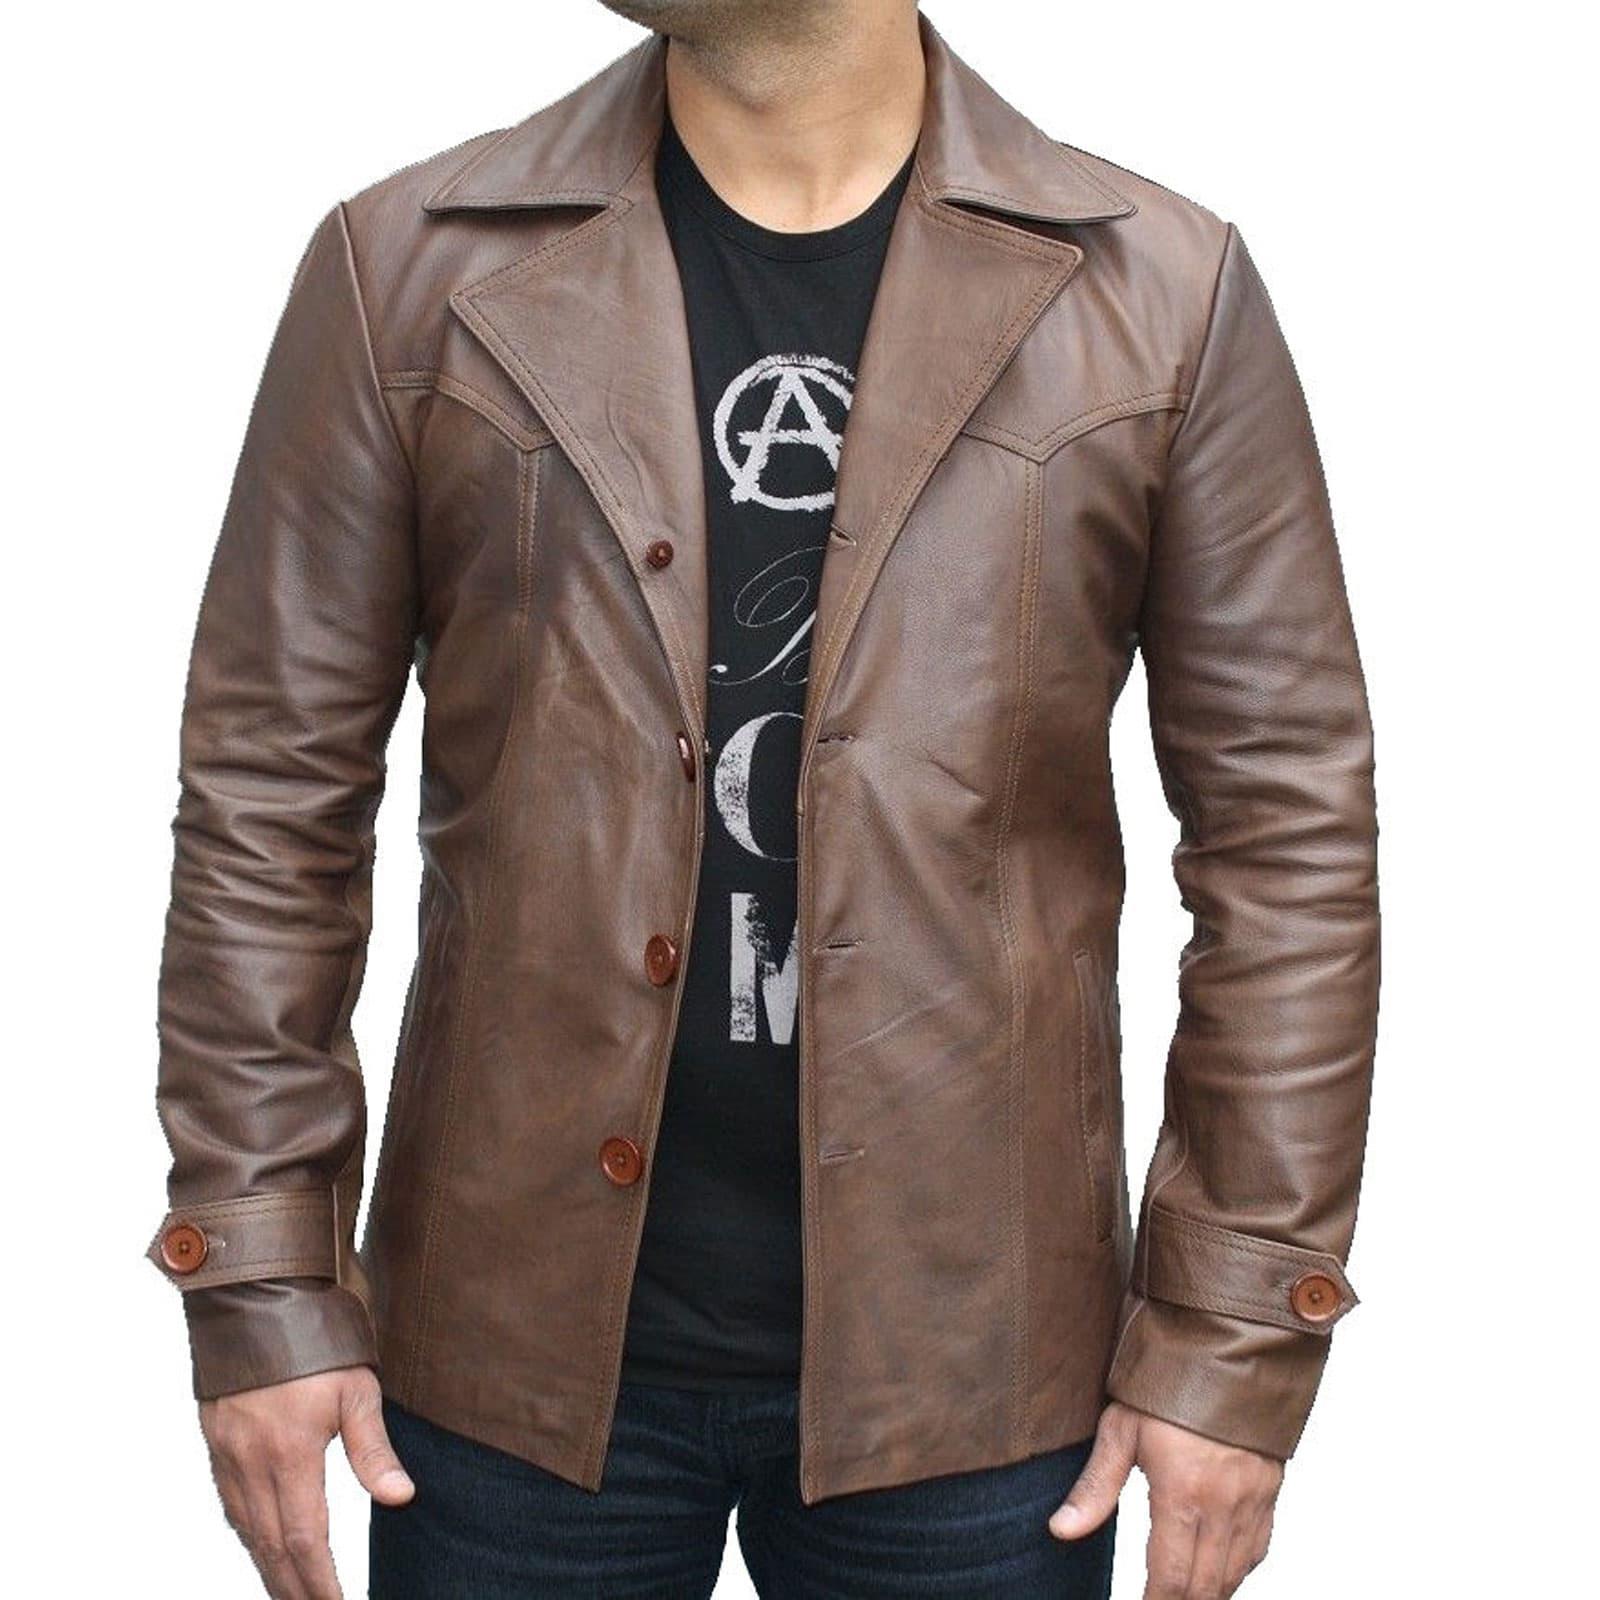 70's Vintage Men's Leather Jacket